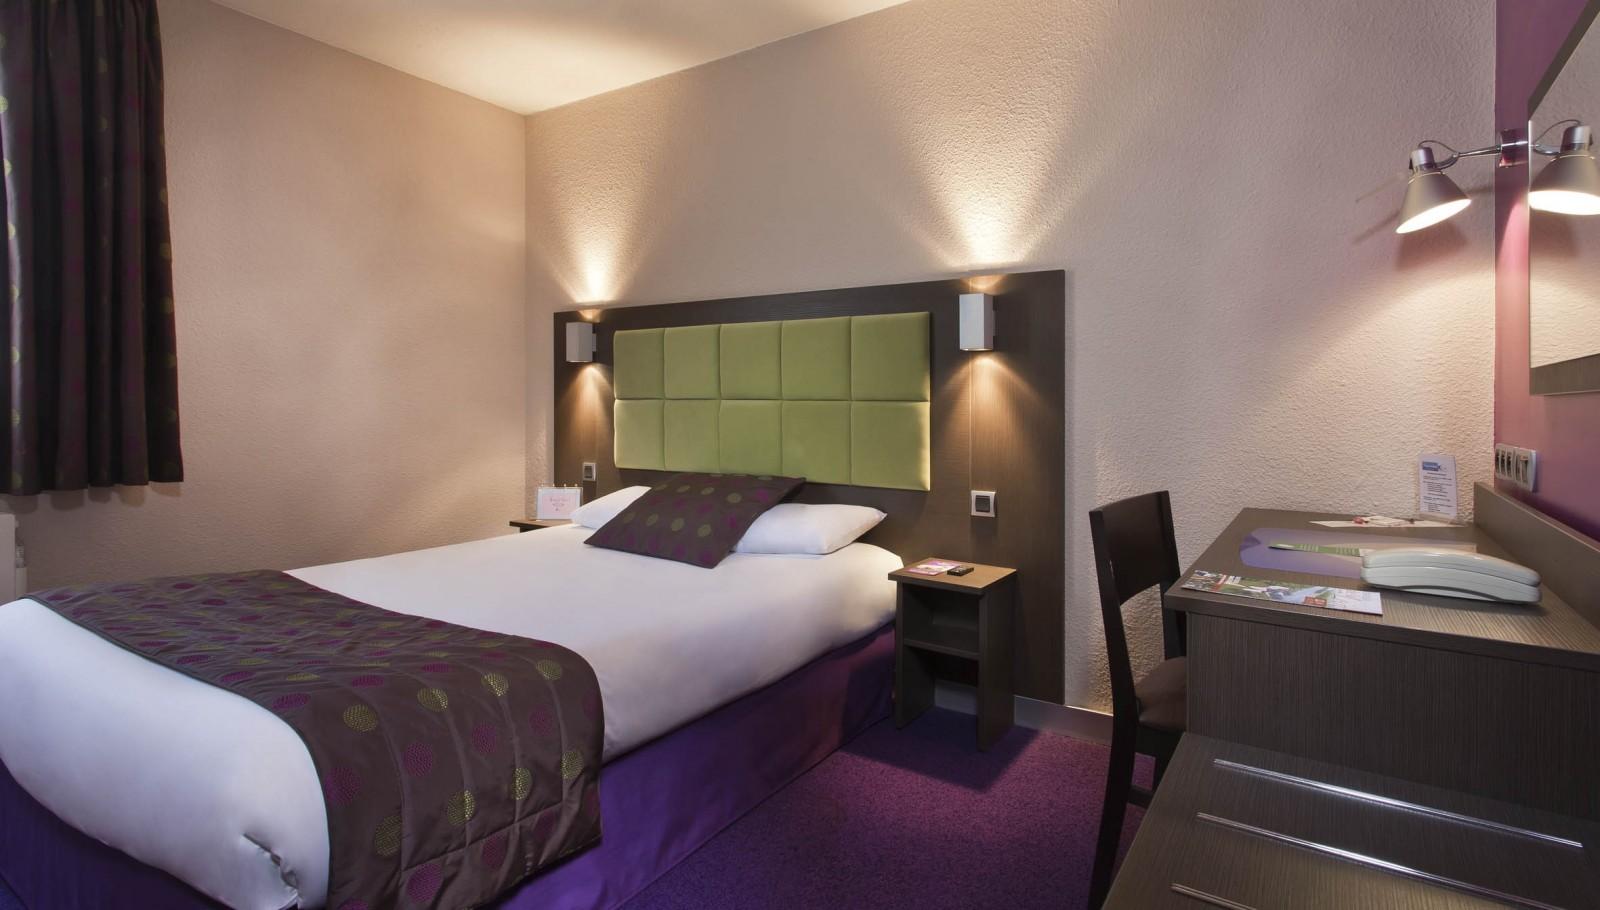 Hôtel caen chambres wifi confort et accueil chaleureux